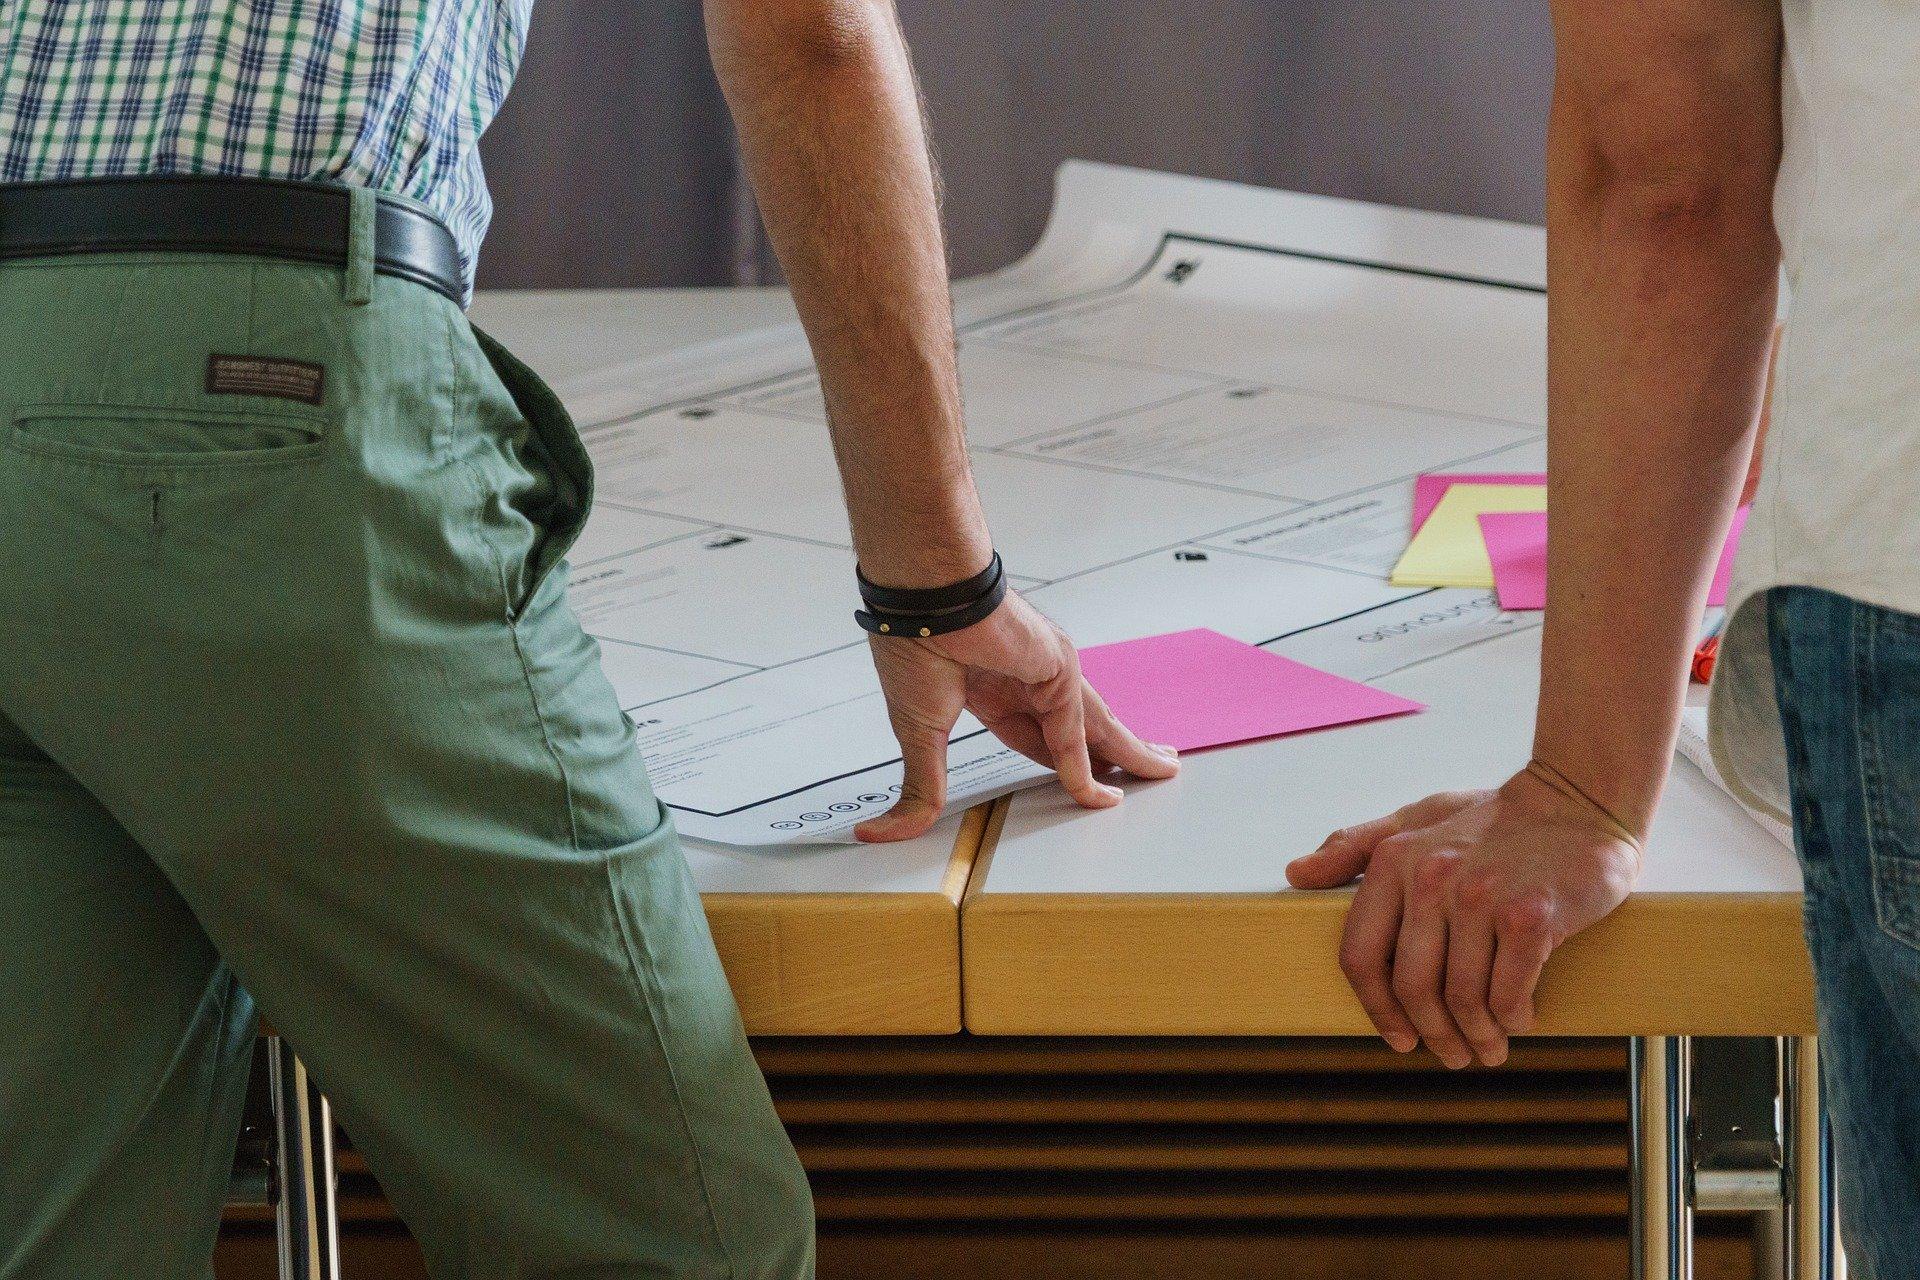 Equipo de trabajo - Ingenieros abordando un nuevo proyecto de arquitectura y construcción - En GRAUGO te ofrecemos un asesoramiento técnico integral